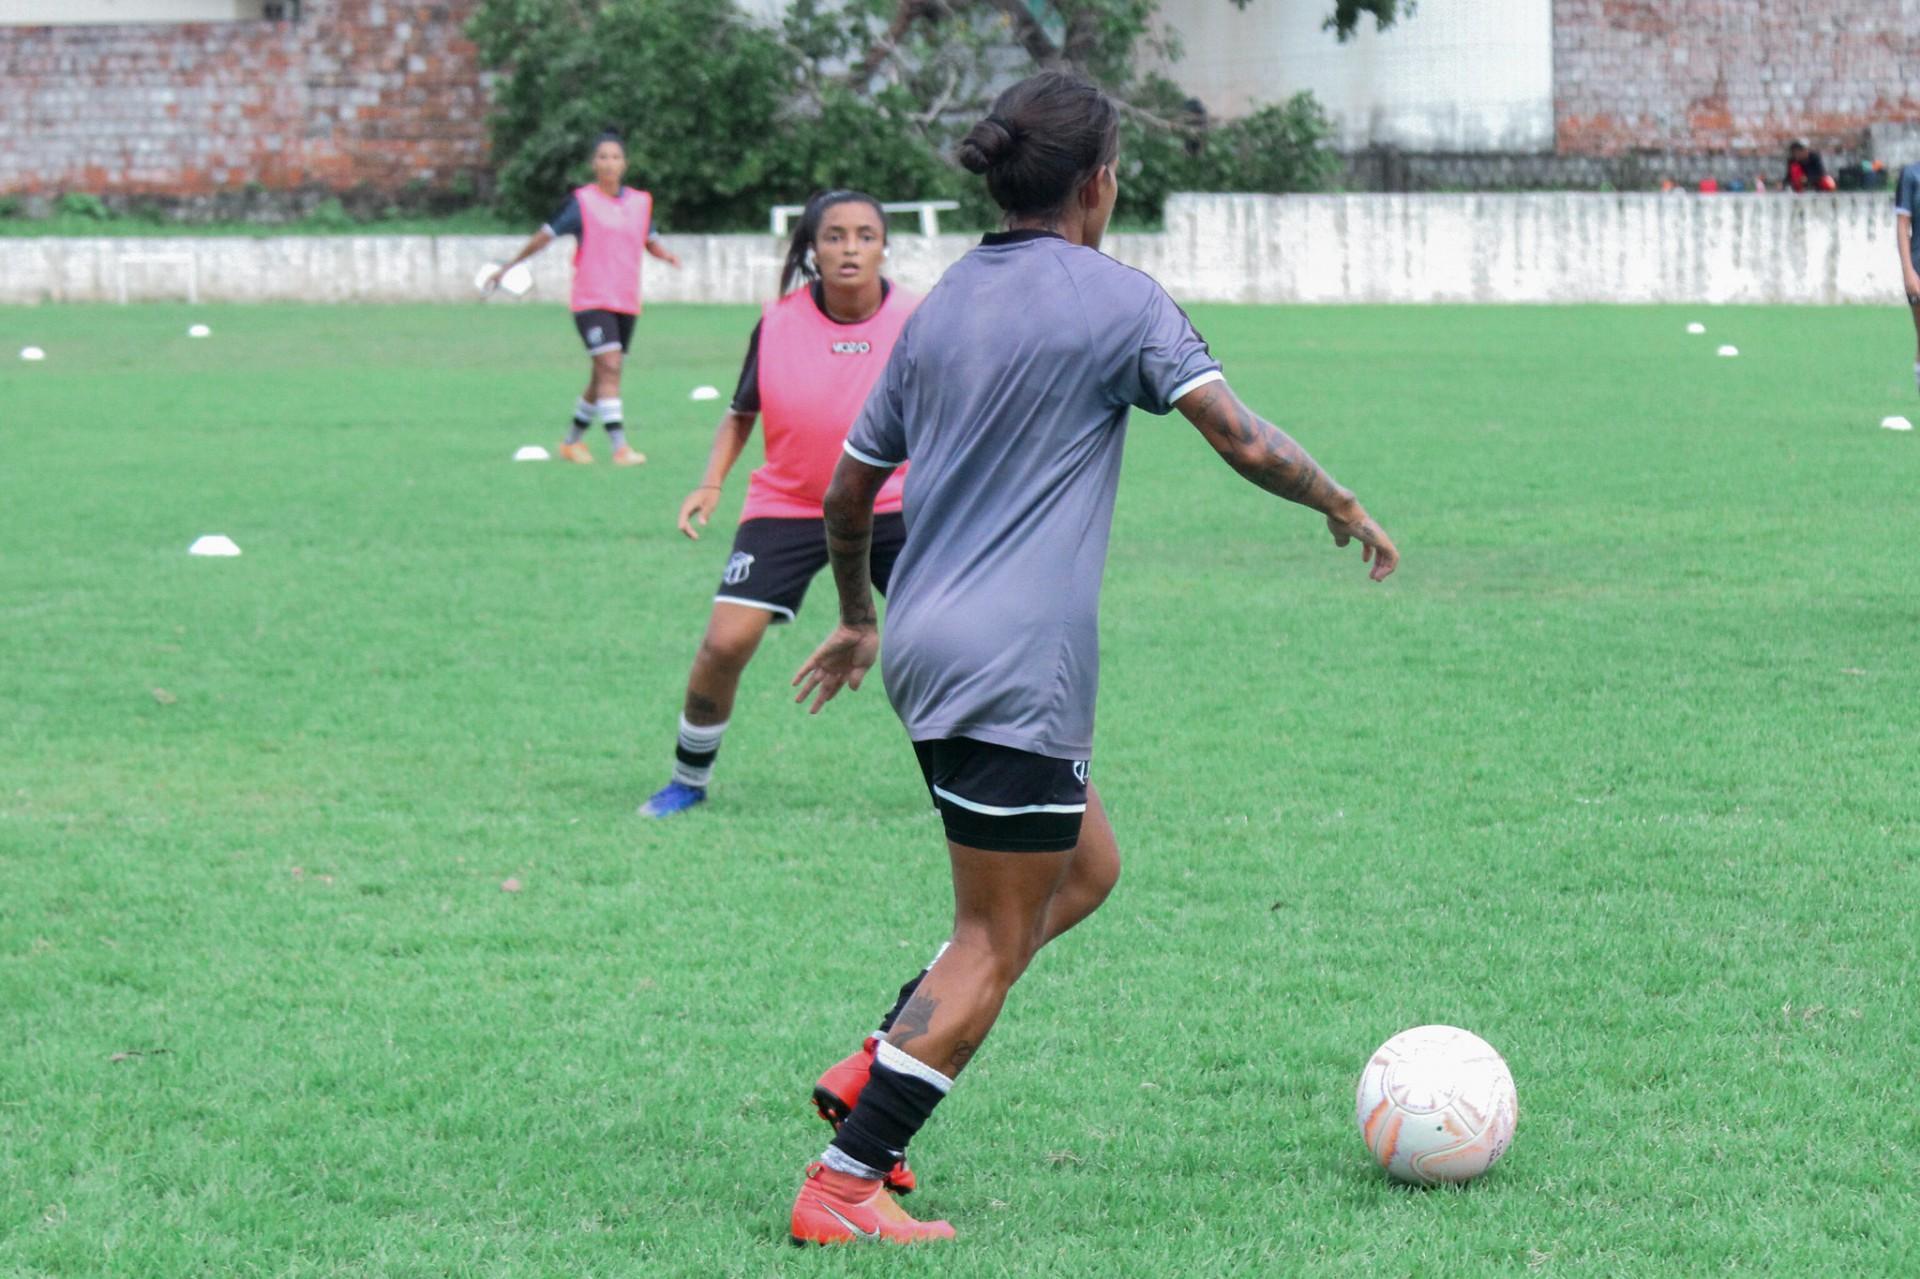 Equipe feminina do Ceará se prepara para a disputa do Brasileirão Feminino Série A2, que também terá participação do Fortaleza